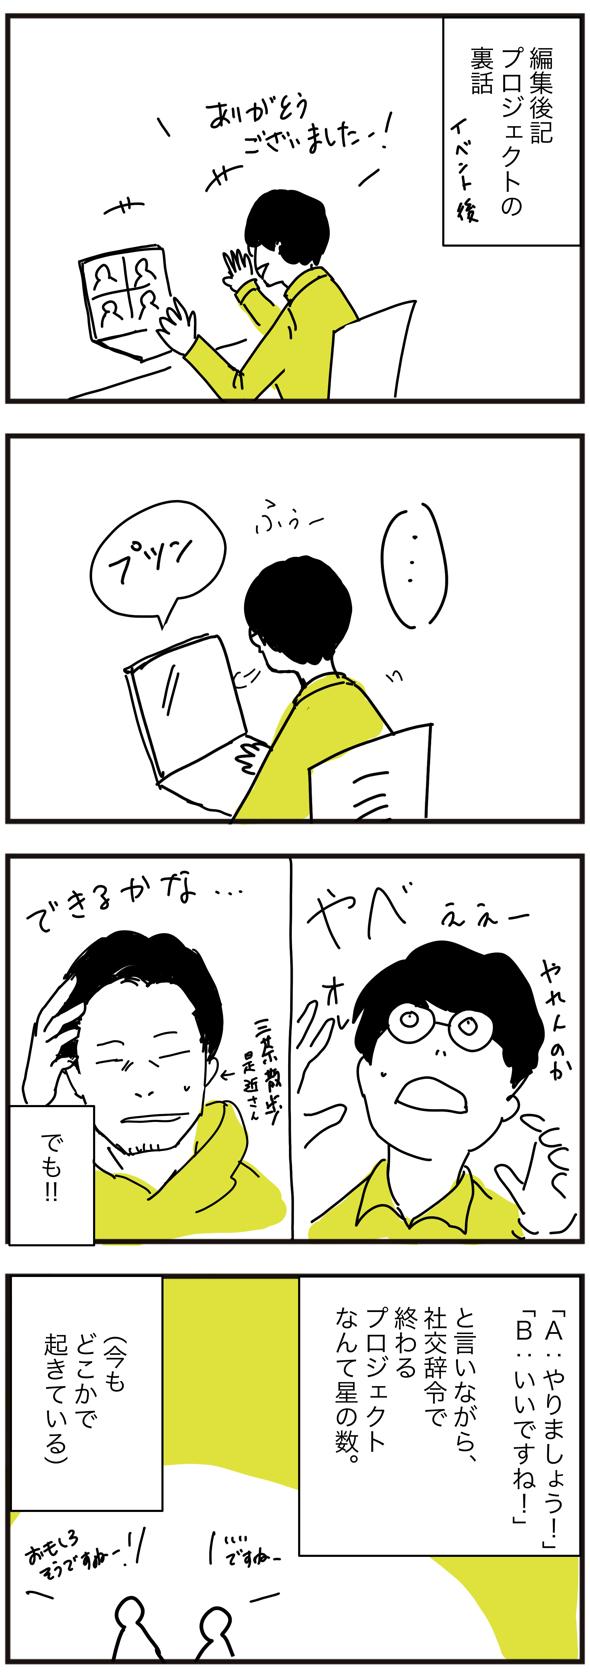 manga #2